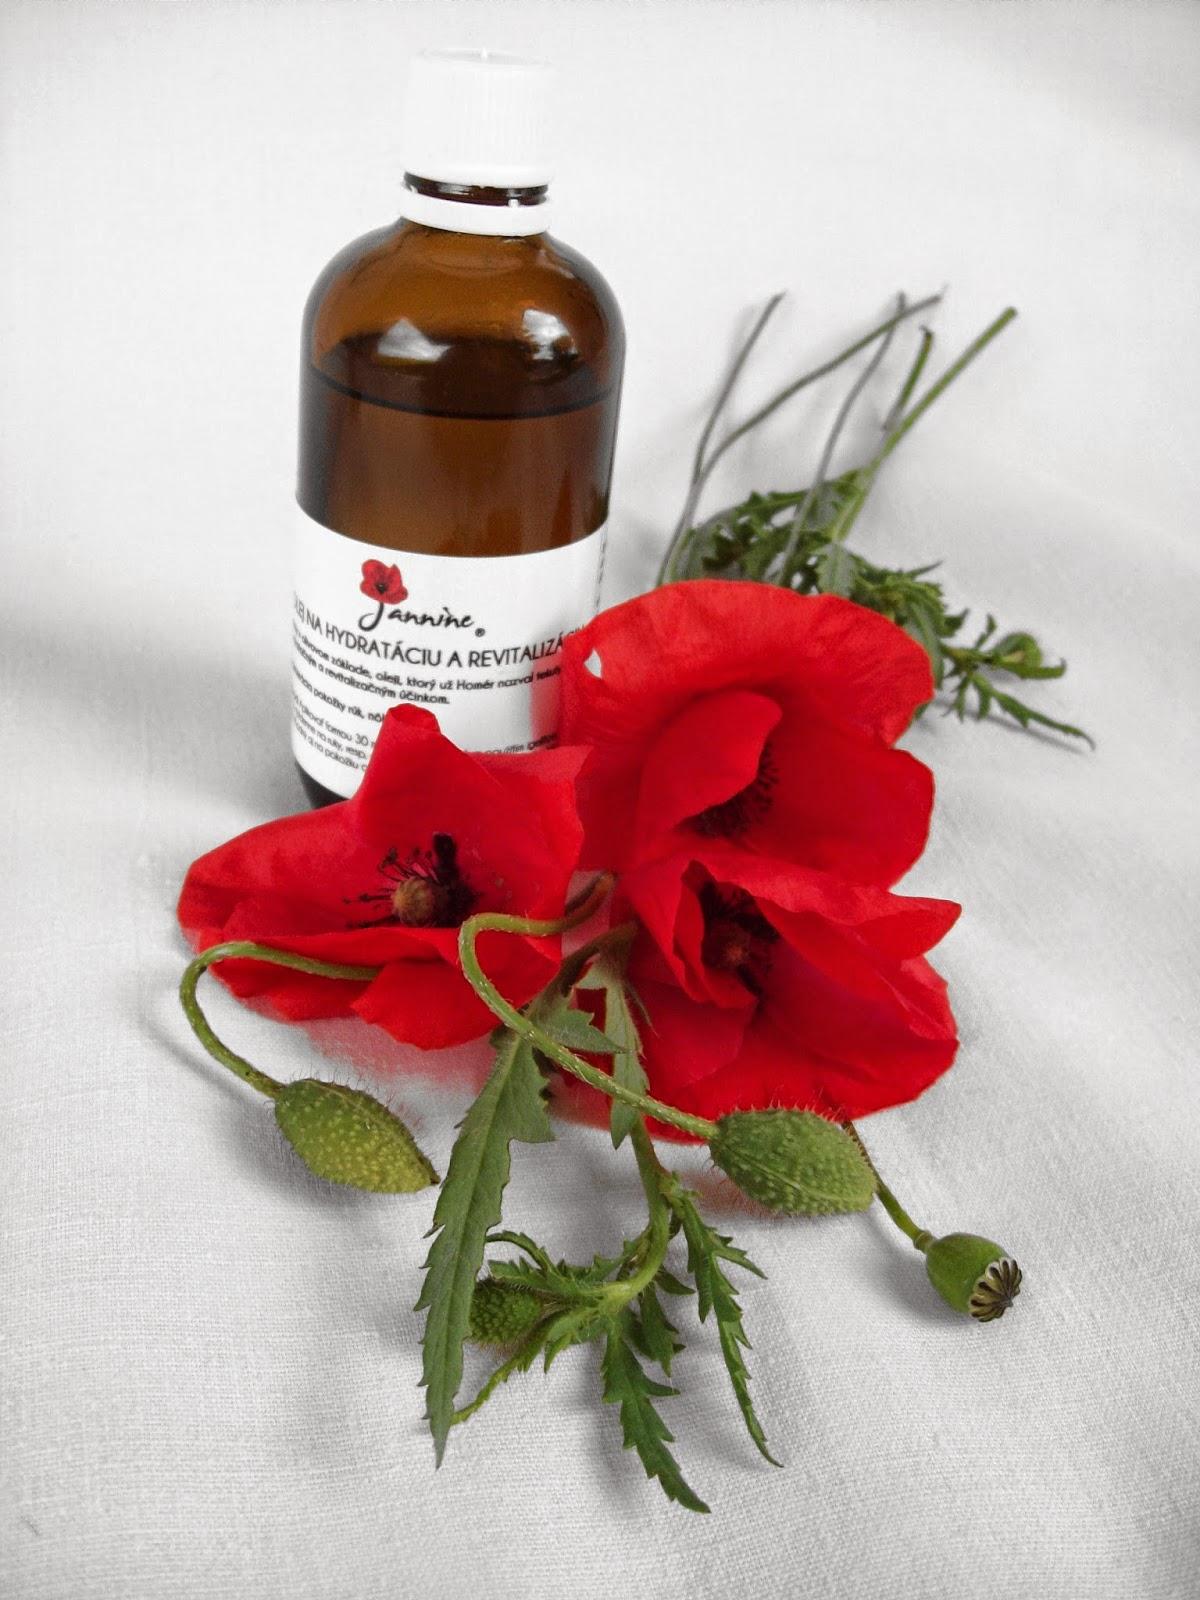 Táto typicky lekárenská fľaštička s bezpečnostným uzáverom, vkusnou etiketou s návodom na použitie a pekným logom značky Jannine uchováva prírodný olej dobre chránený pred vzduchom i svetlom. Vydrží voňať celé roky.